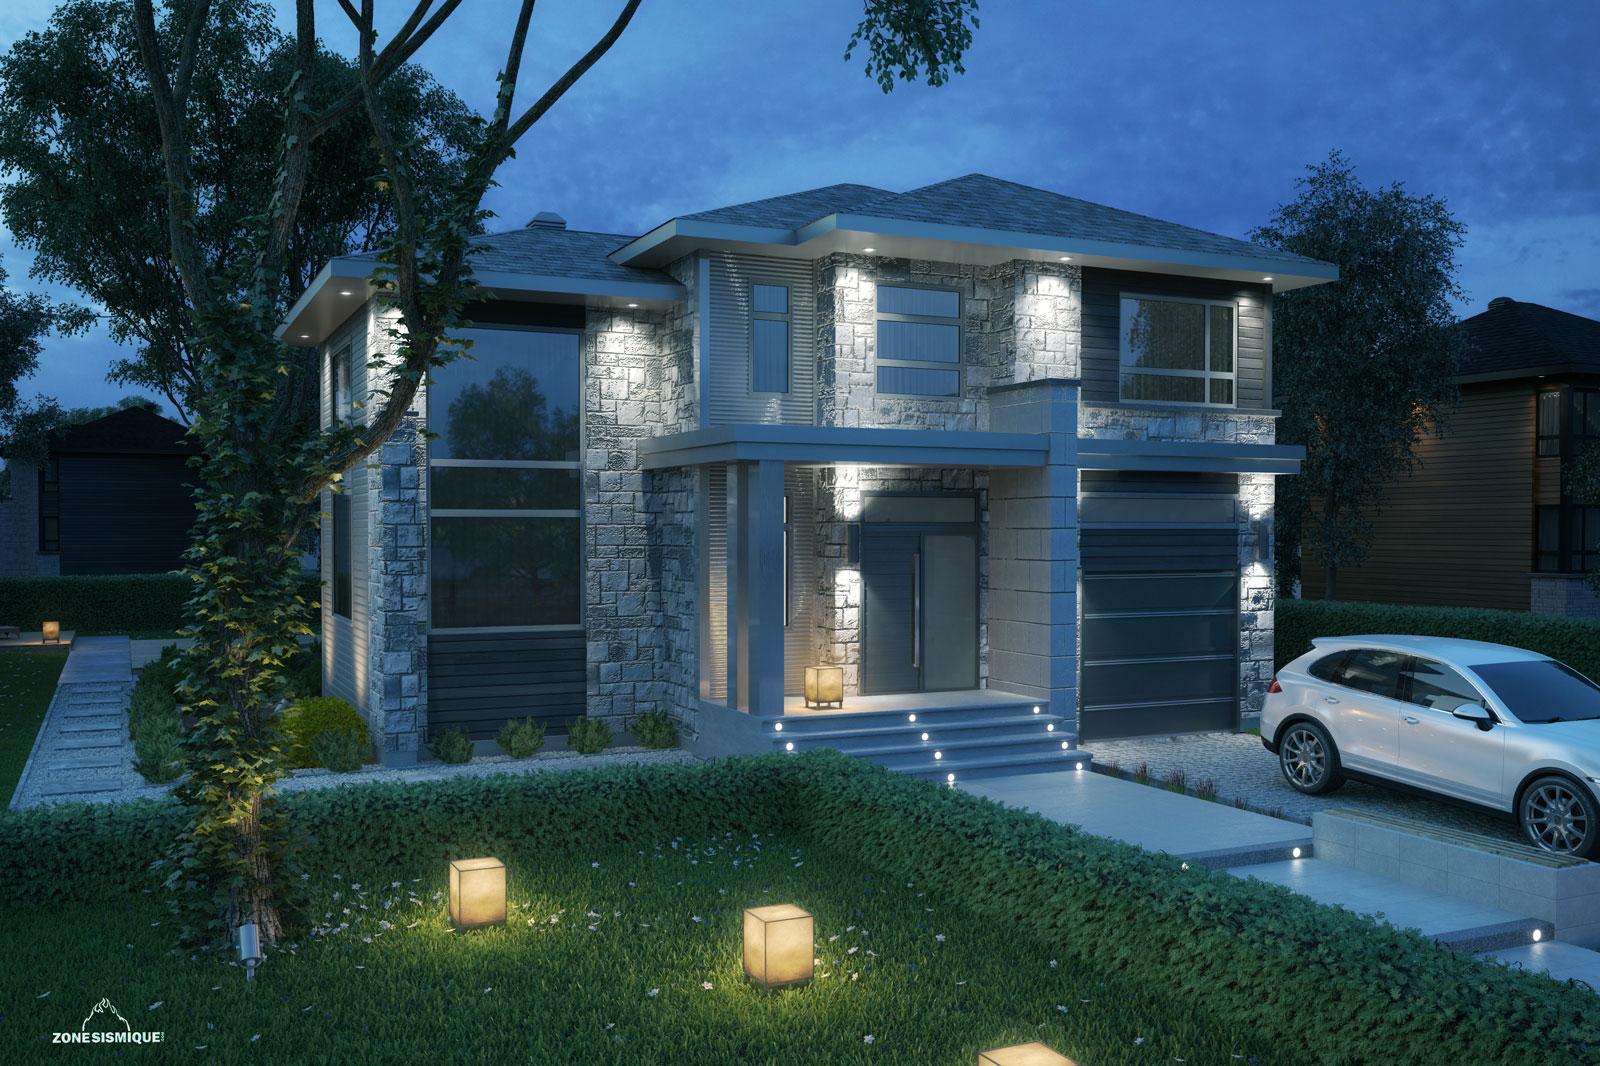 zone-sismique-construction-salette-maison-moderne-3d-Hajame ...